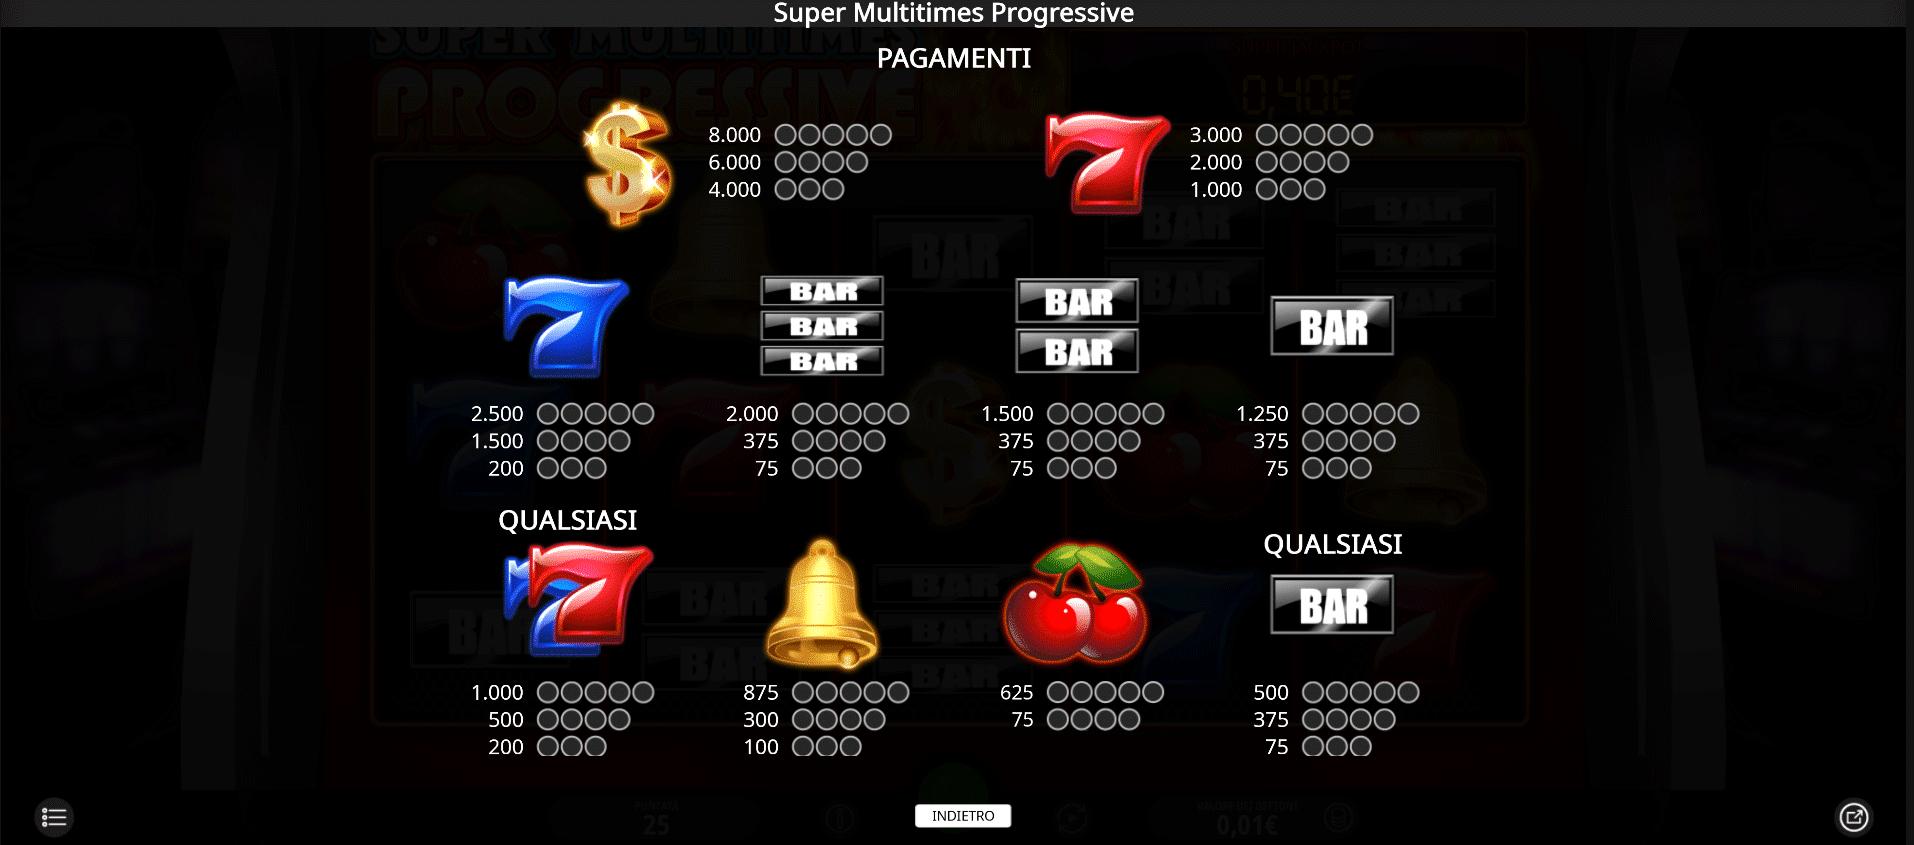 tabella dei pagamenti della slot online super multitimes progressive